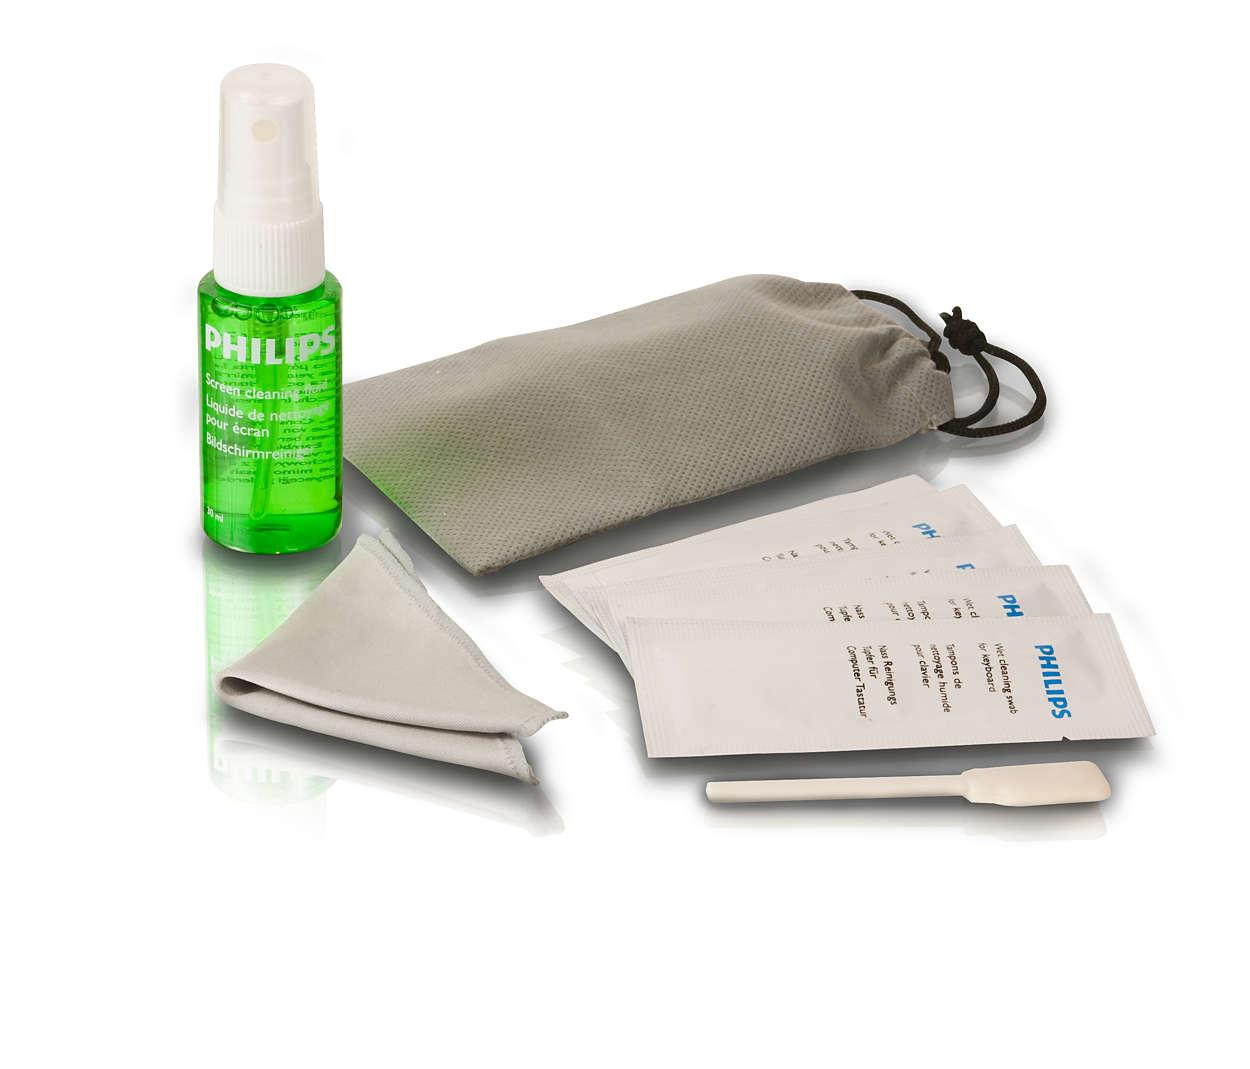 Curăţă sigur ecranele laptop-urilor şi dispozitivelor mobile